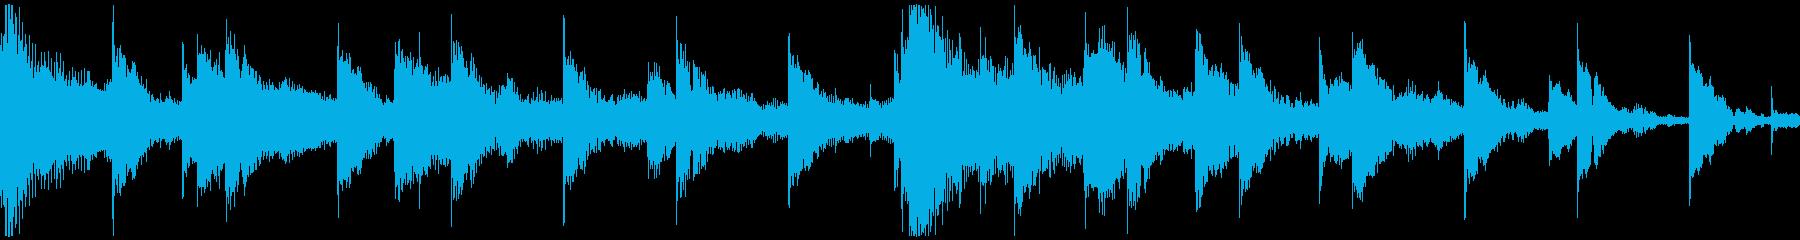 <ショートループ> ピアノ②+ビートAの再生済みの波形